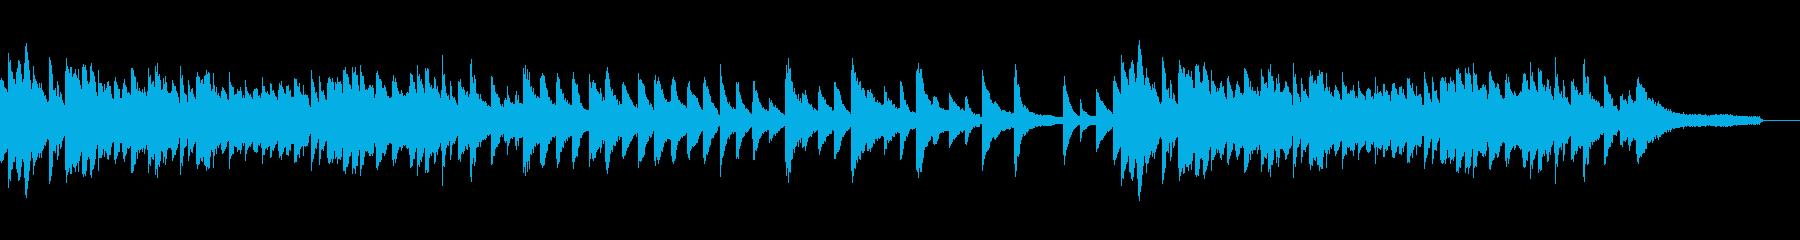 ピアノソロ ノスタルジック BGMの再生済みの波形